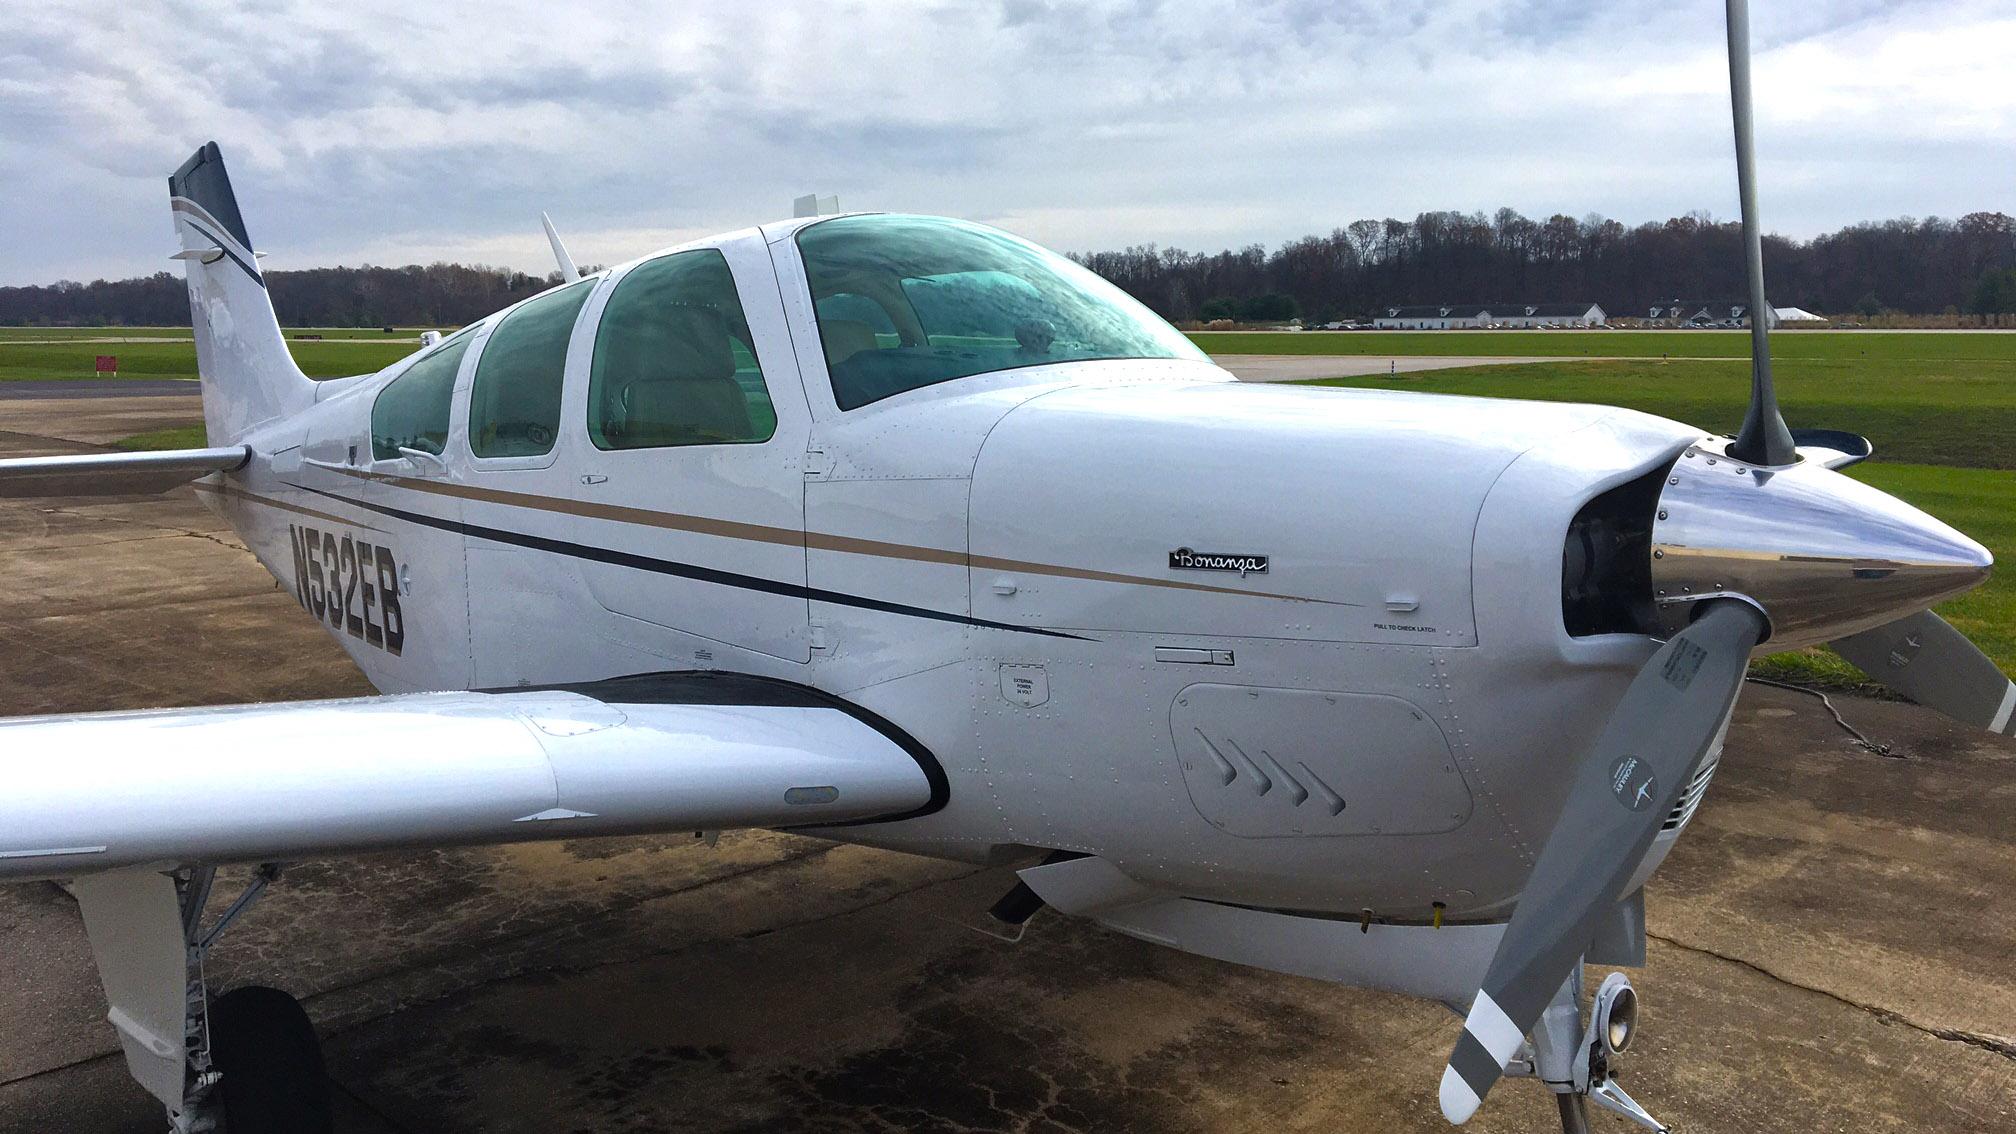 Beechcraft F33A - Meisinger Aviation